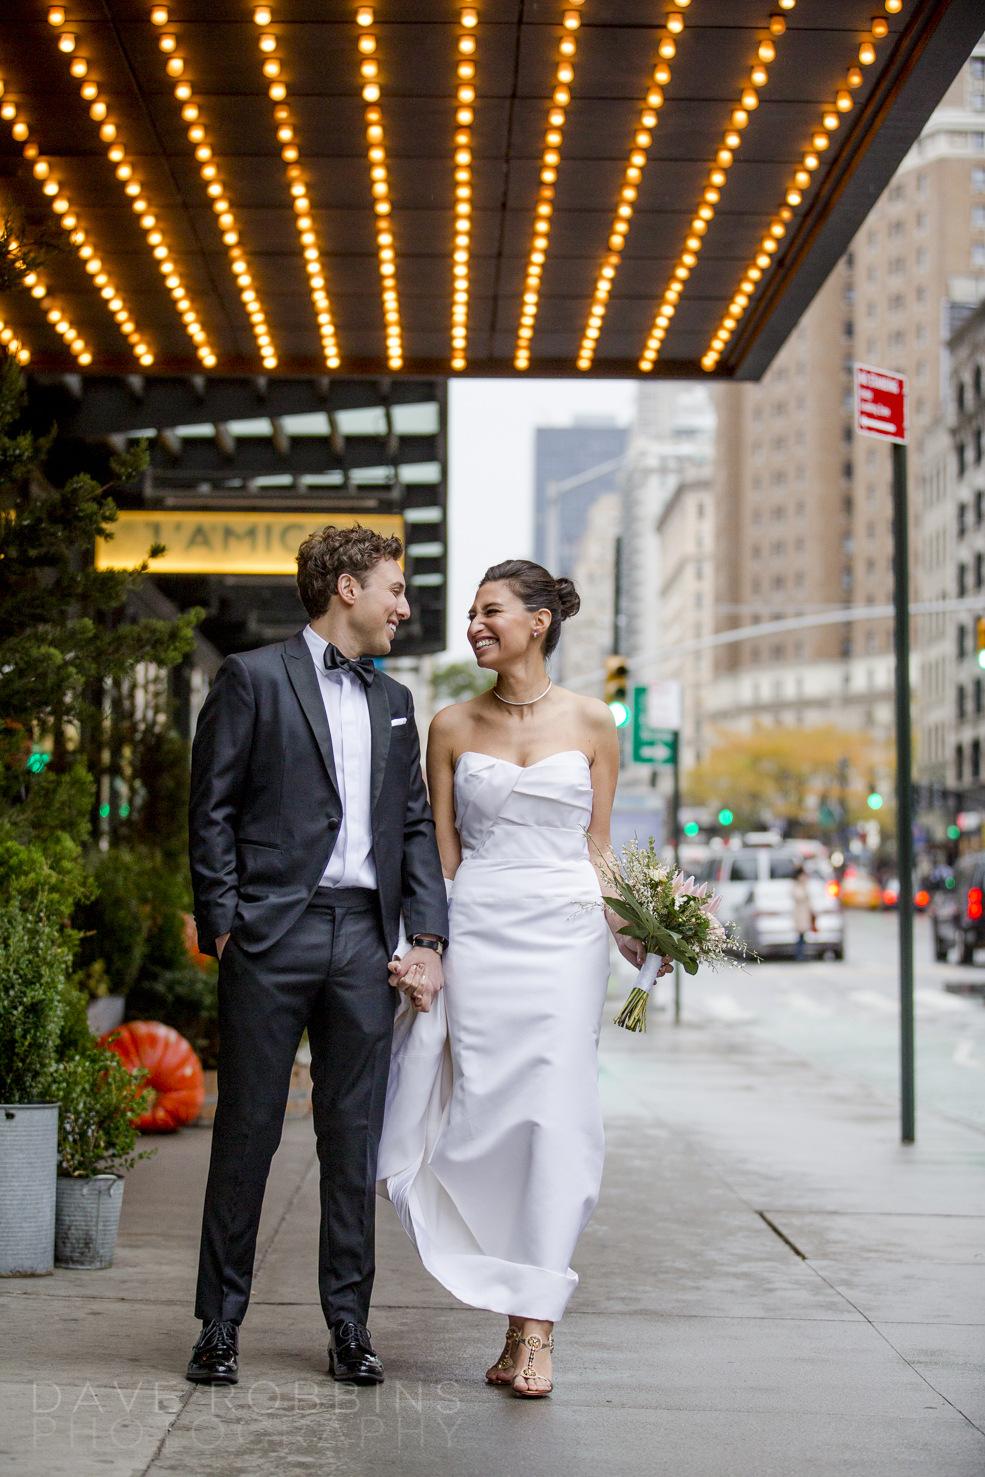 EVENTI HOTEL WEDDING -0021.jpg